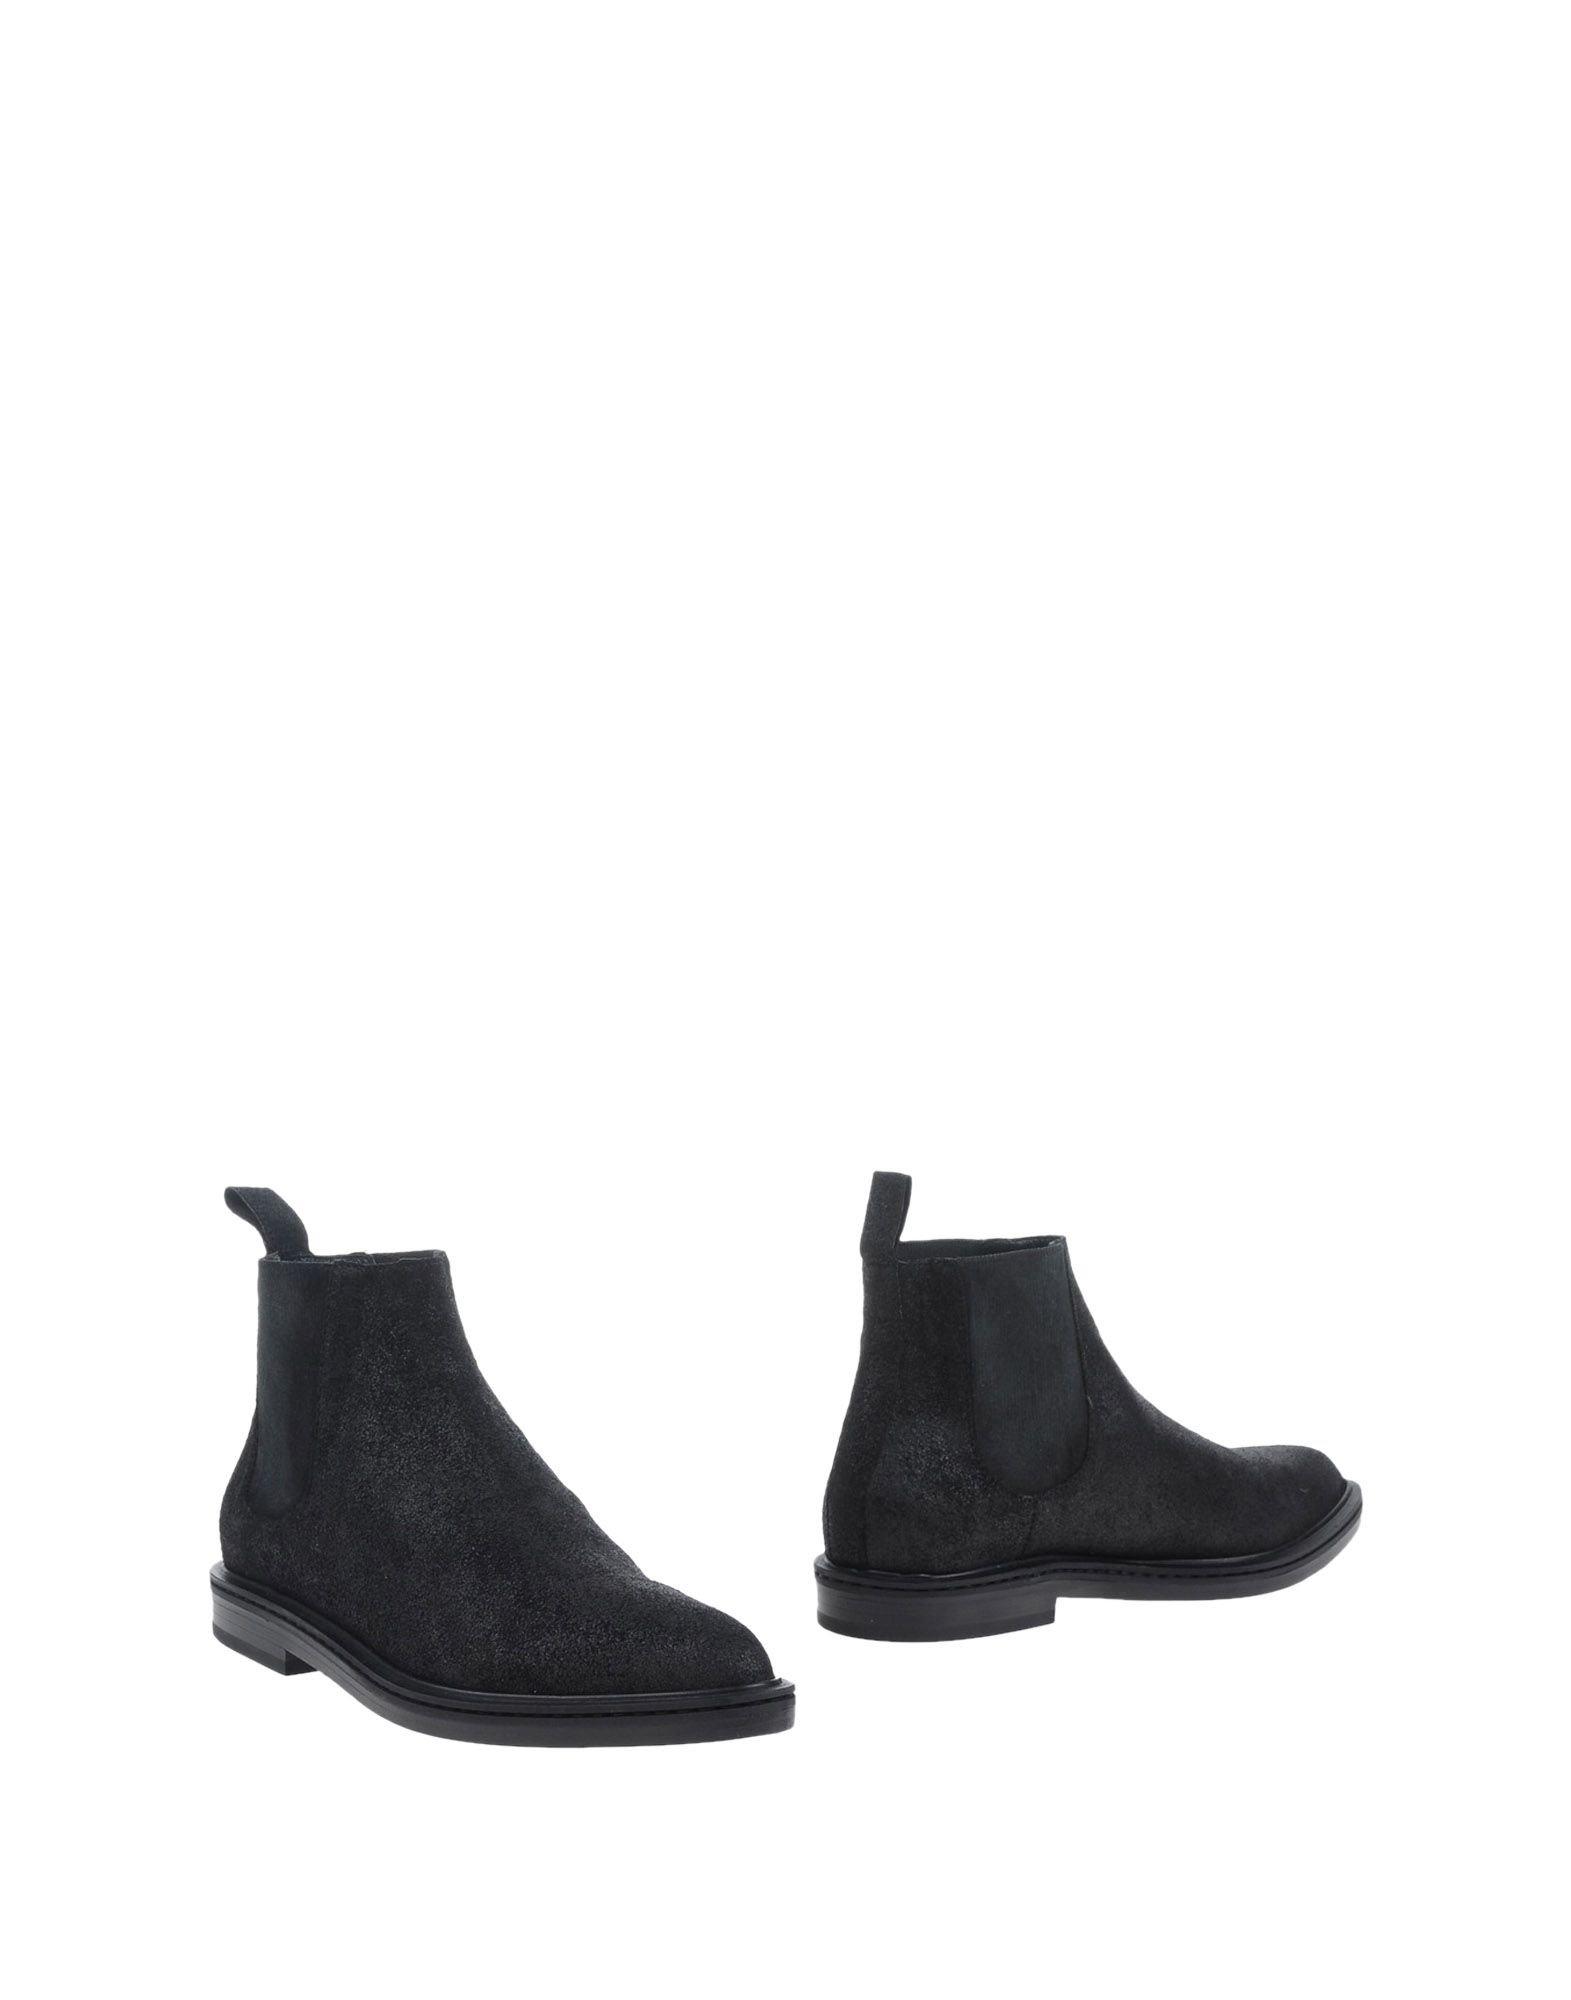 a ankle boots in black for men lyst. Black Bedroom Furniture Sets. Home Design Ideas